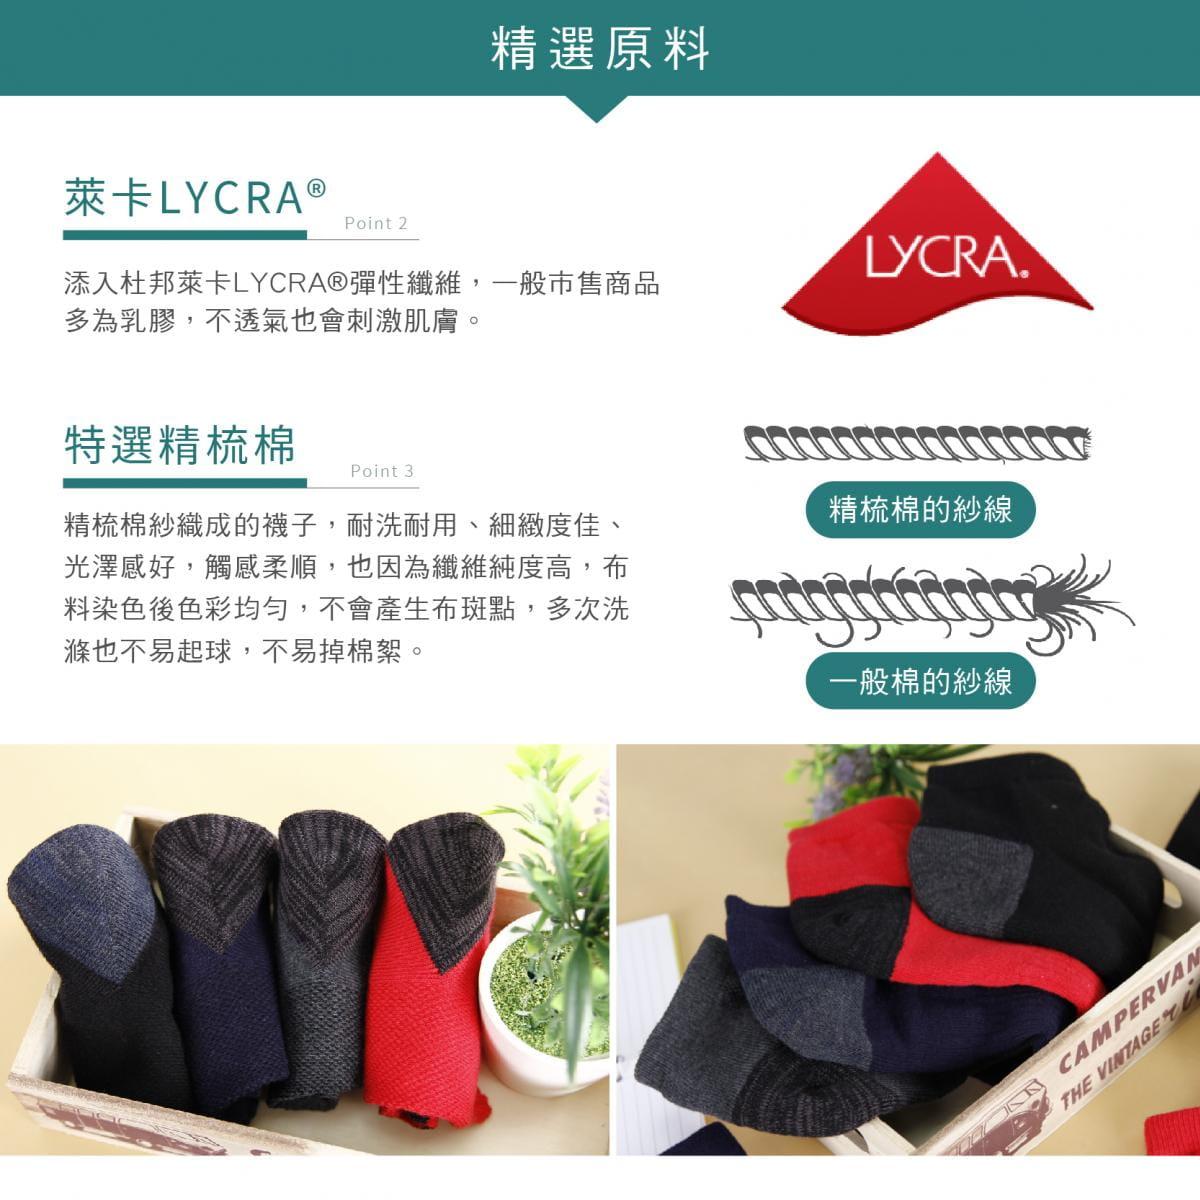 【FAV】除臭運動襪 (一般底、毛巾底) 2